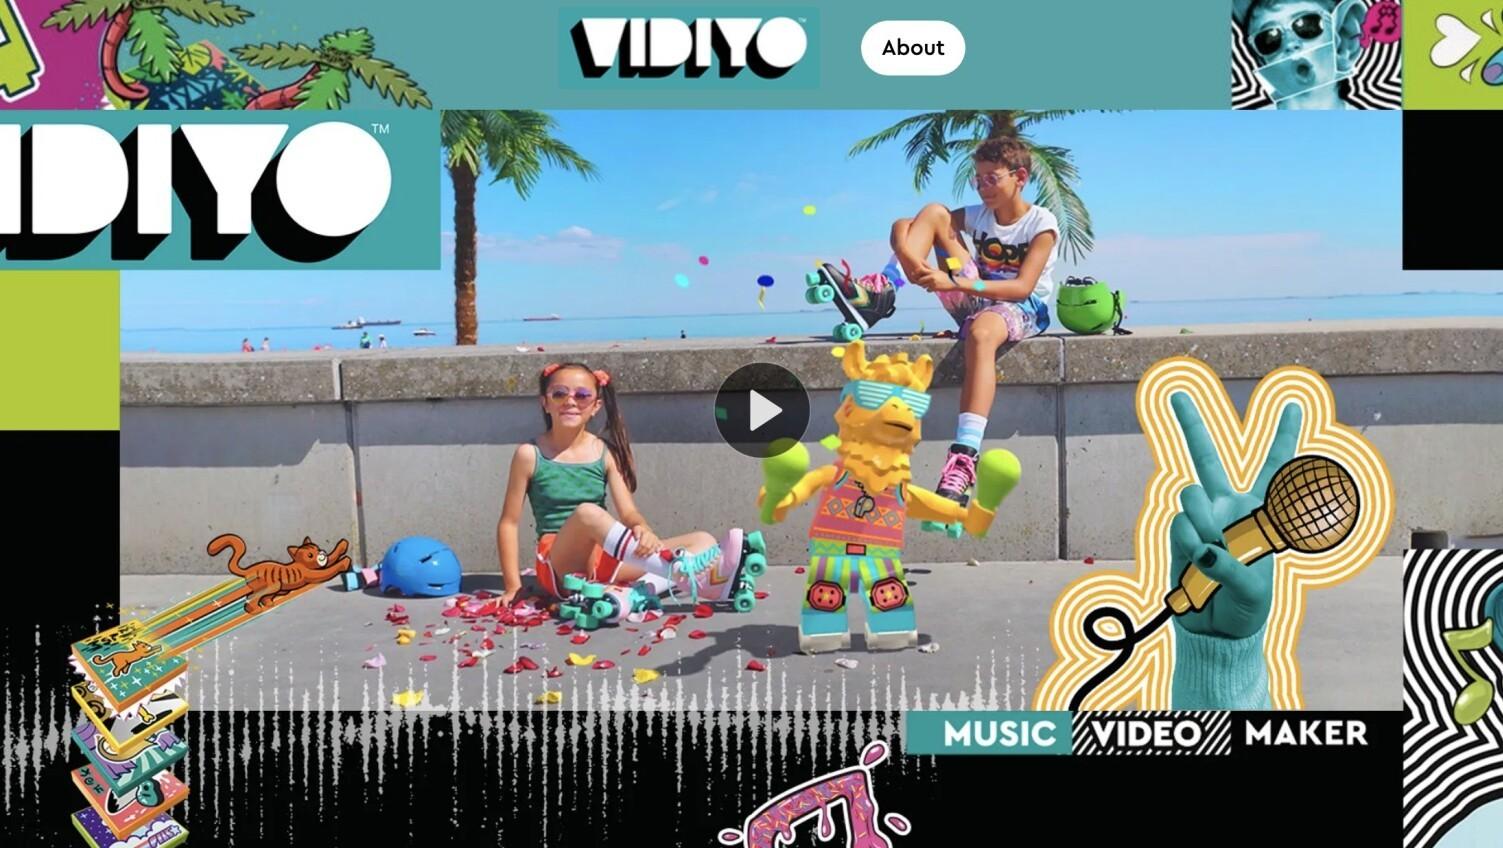 好きなアーティストの楽曲のカスタムMVを作れる!3月1日、LEGO(レゴ)がリリースする新たな拡張現実プラットフォーム「VIDIYO」がMarshmello(マシュメロ)の楽曲をフィーチャー!